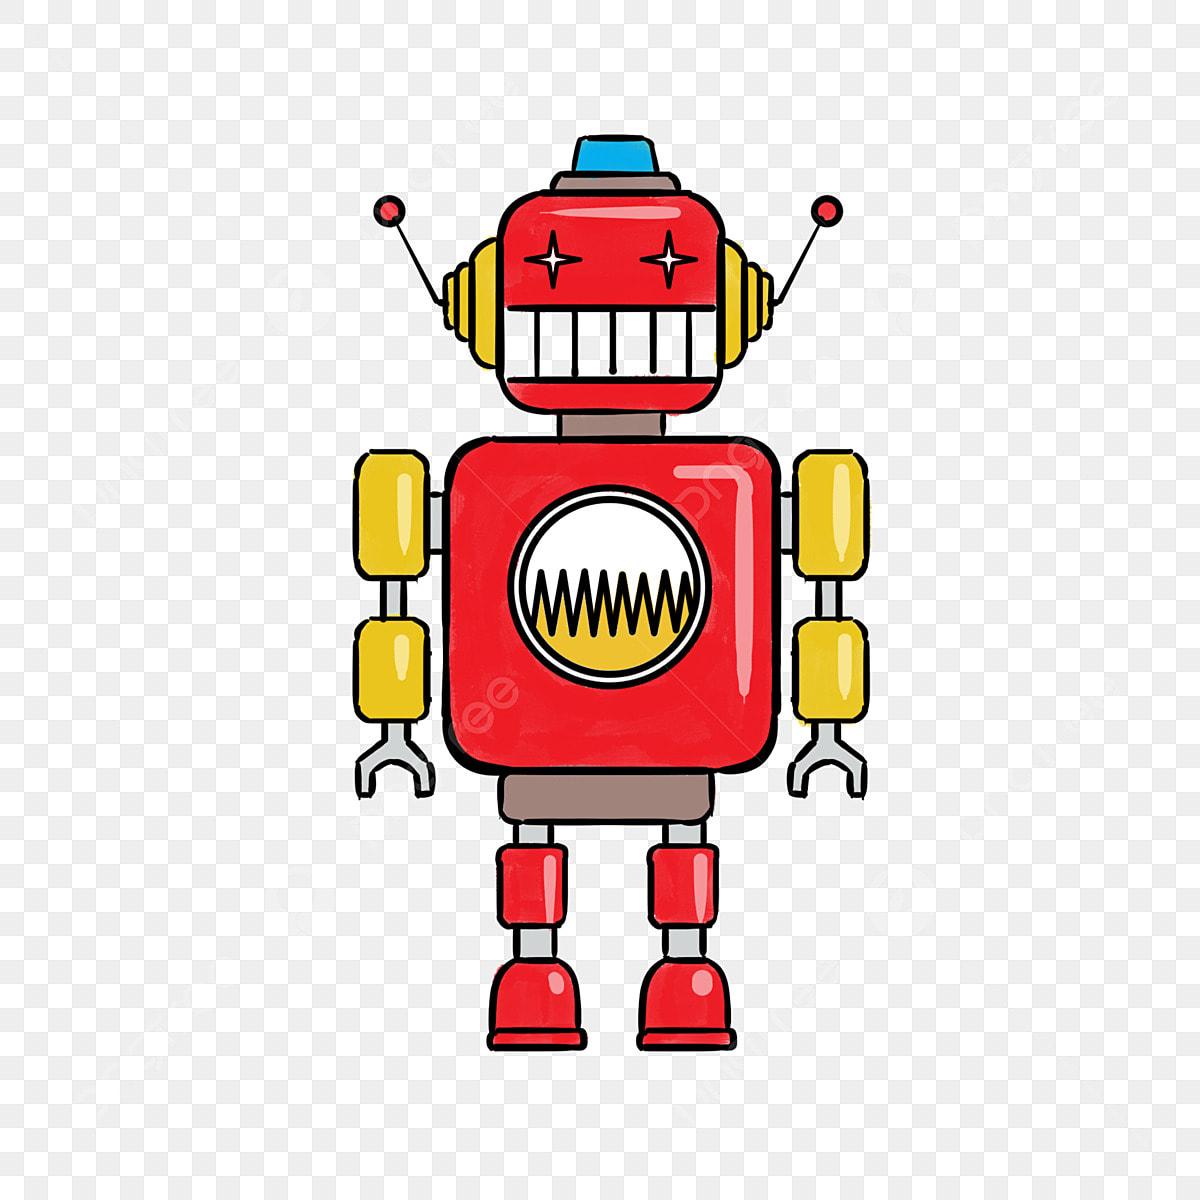 O Robo Modelos De Robos Inteligente Robo O Robo Dos Desenhos